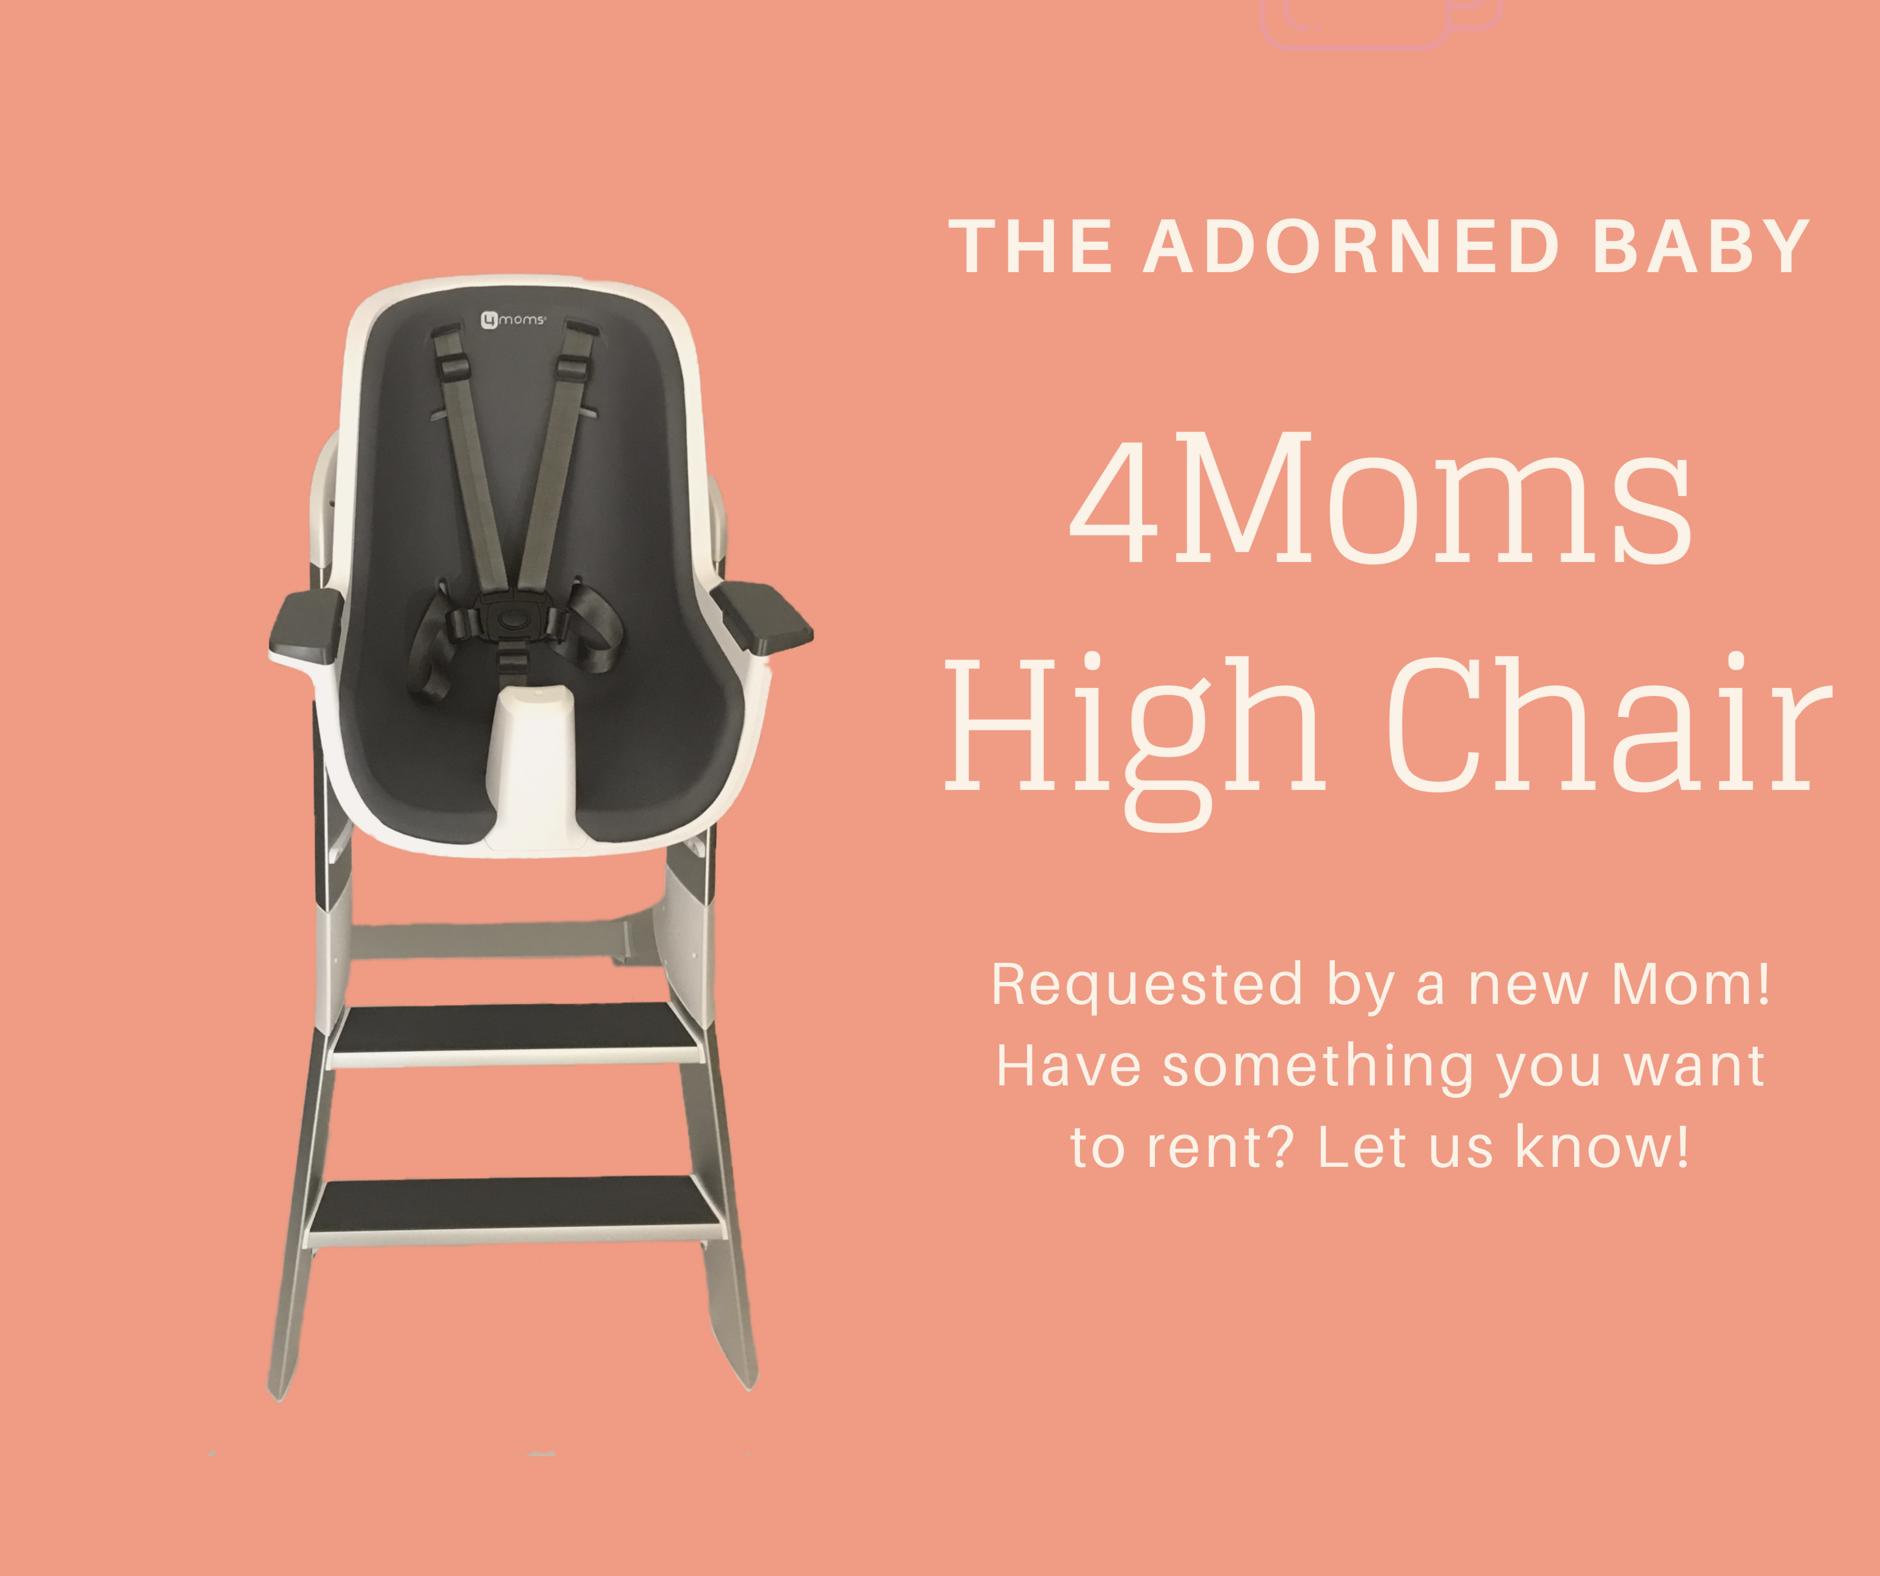 4moms High Chair High Chair 4moms Chair